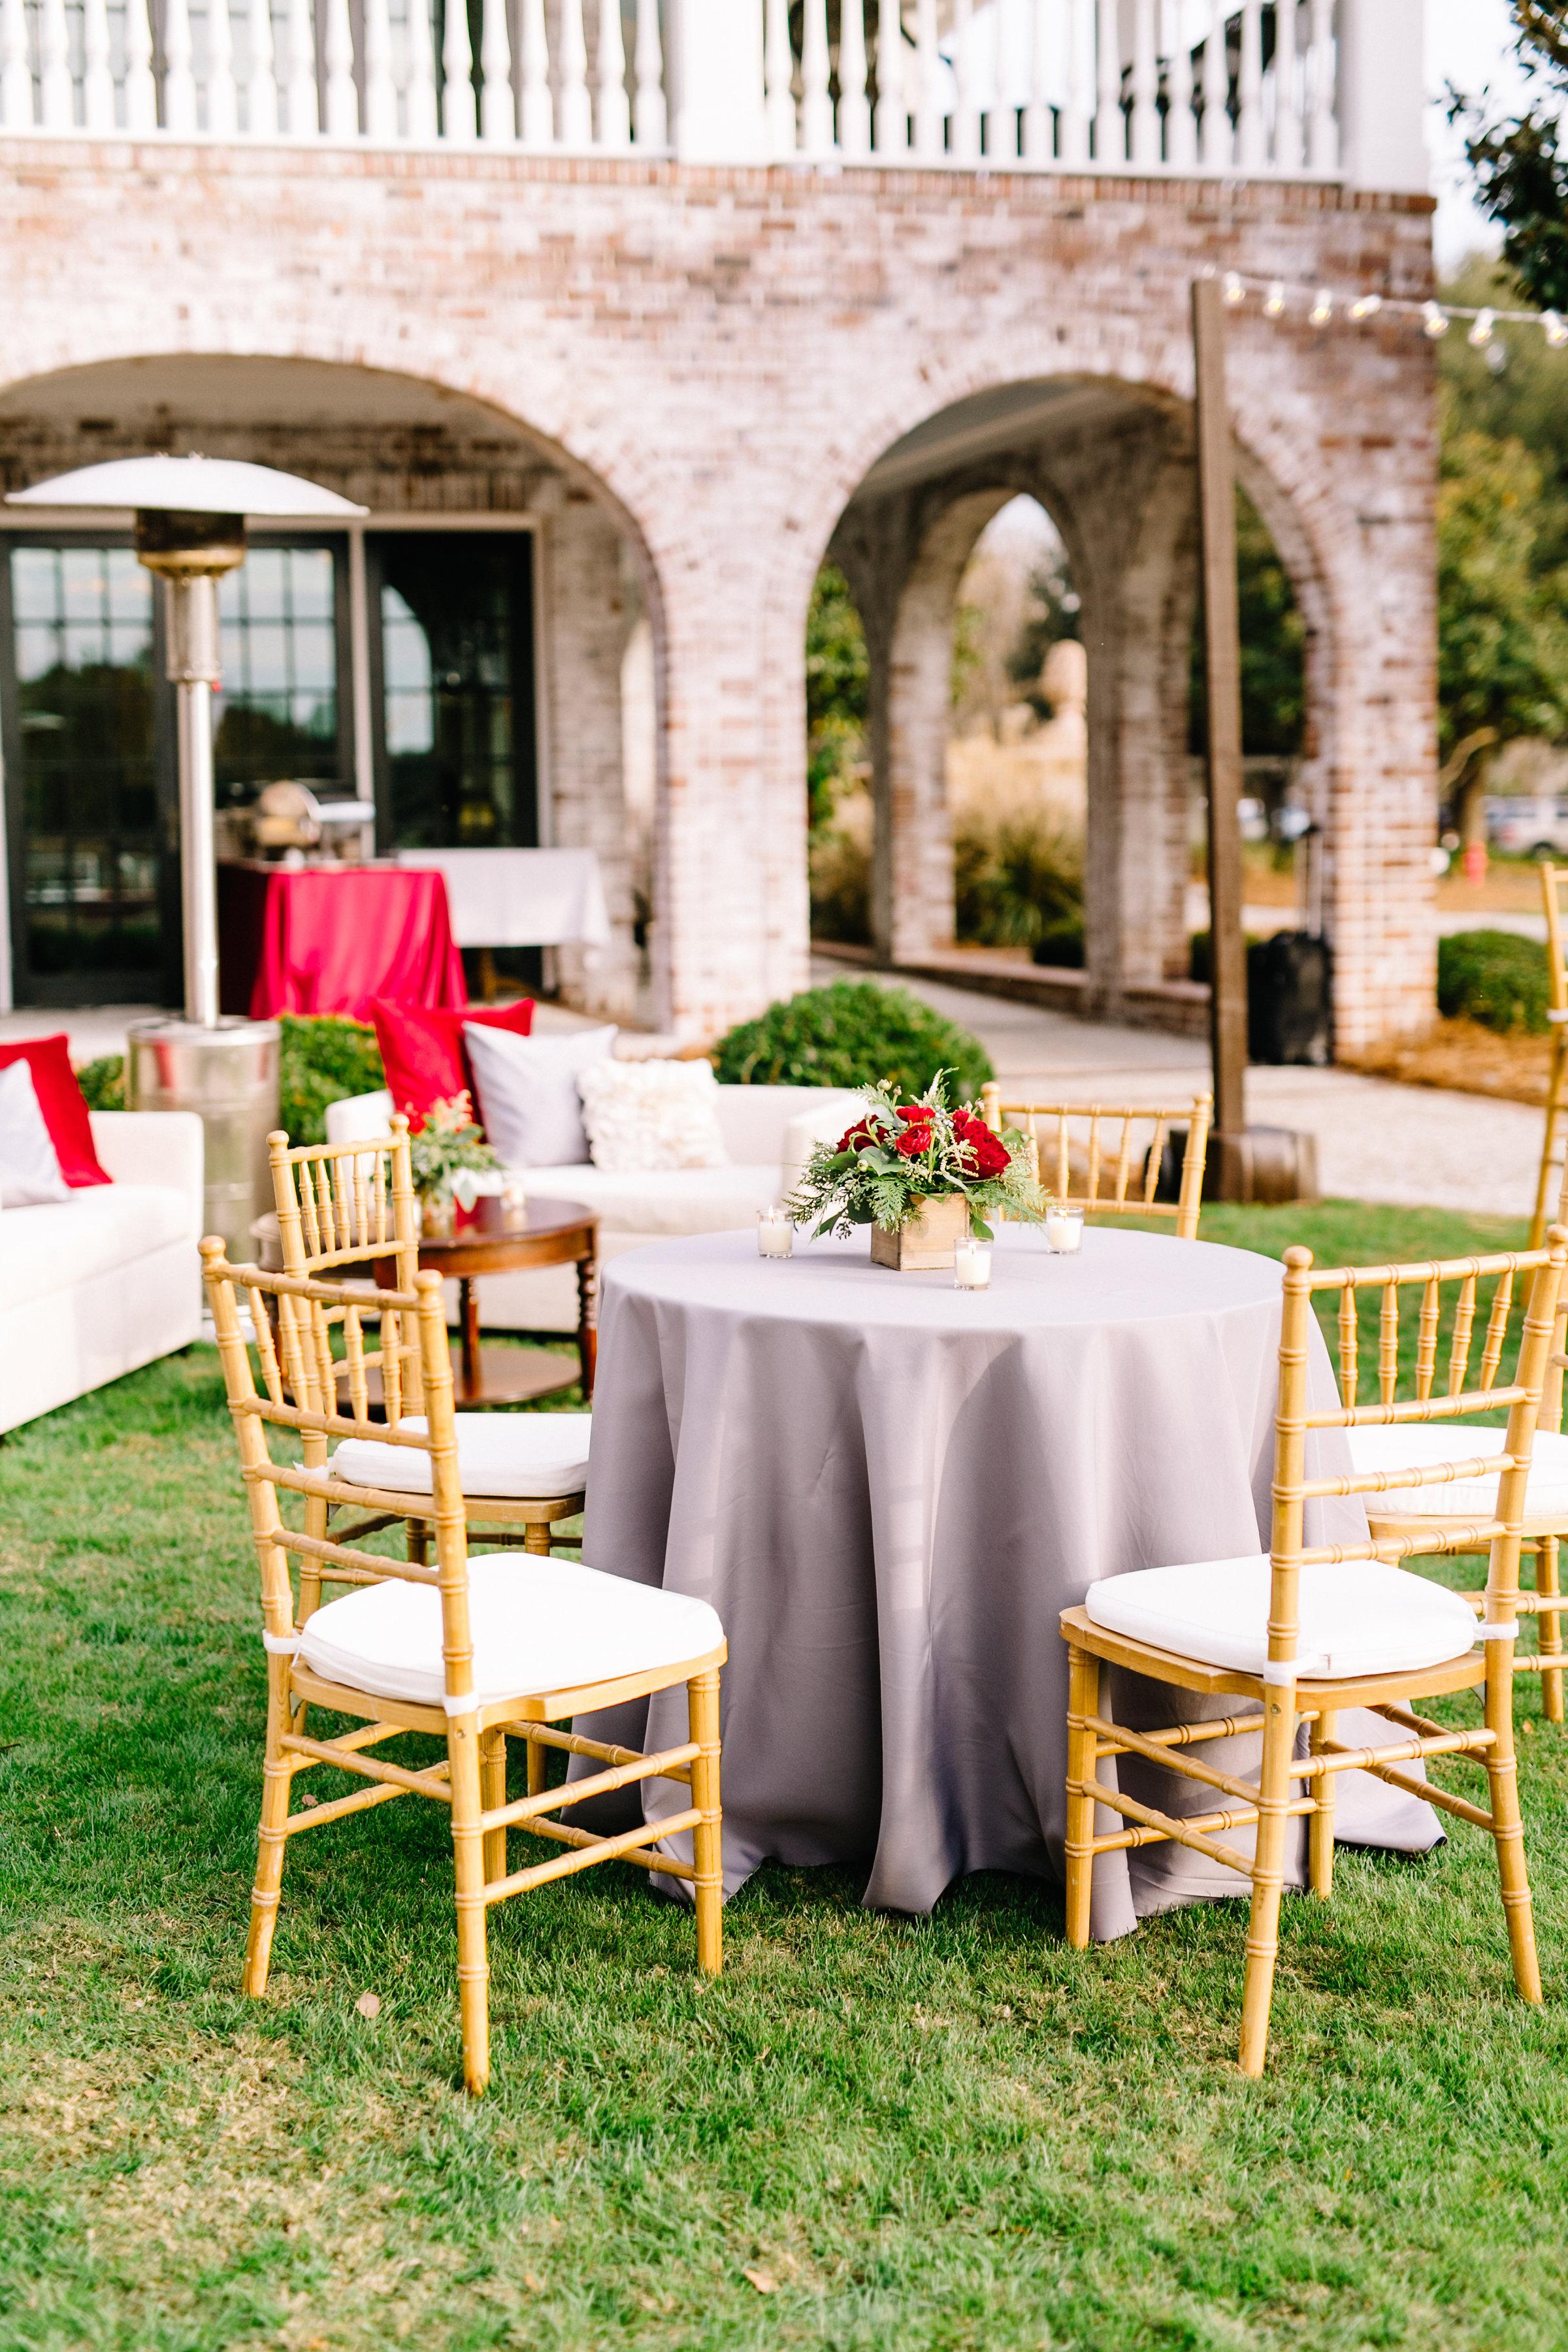 dunes-west-wedding-9.jpg